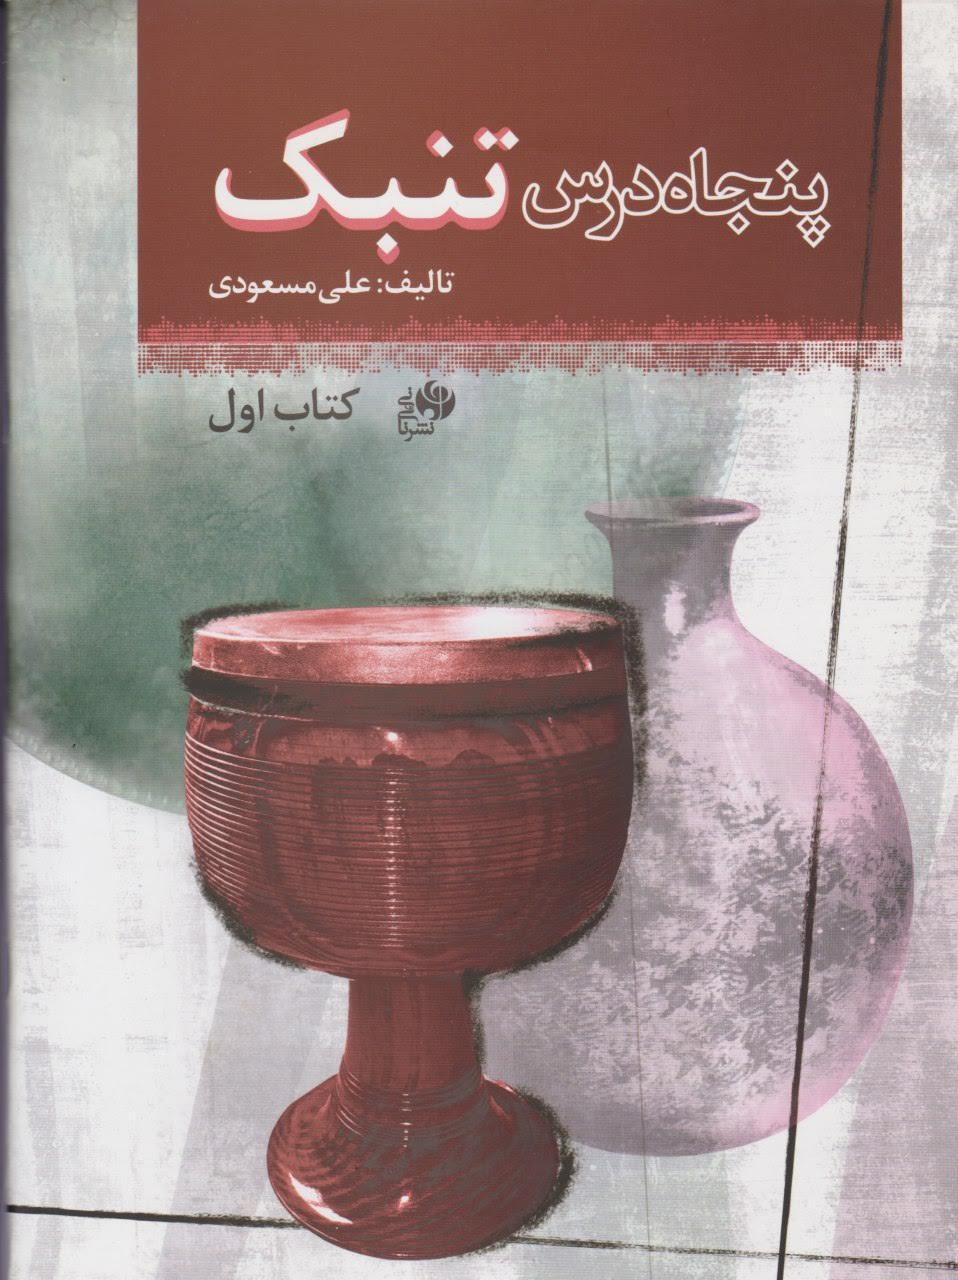 کتاب پنجاه درس تنبک جلد اول علی مسعودی انتشارات نای و نی